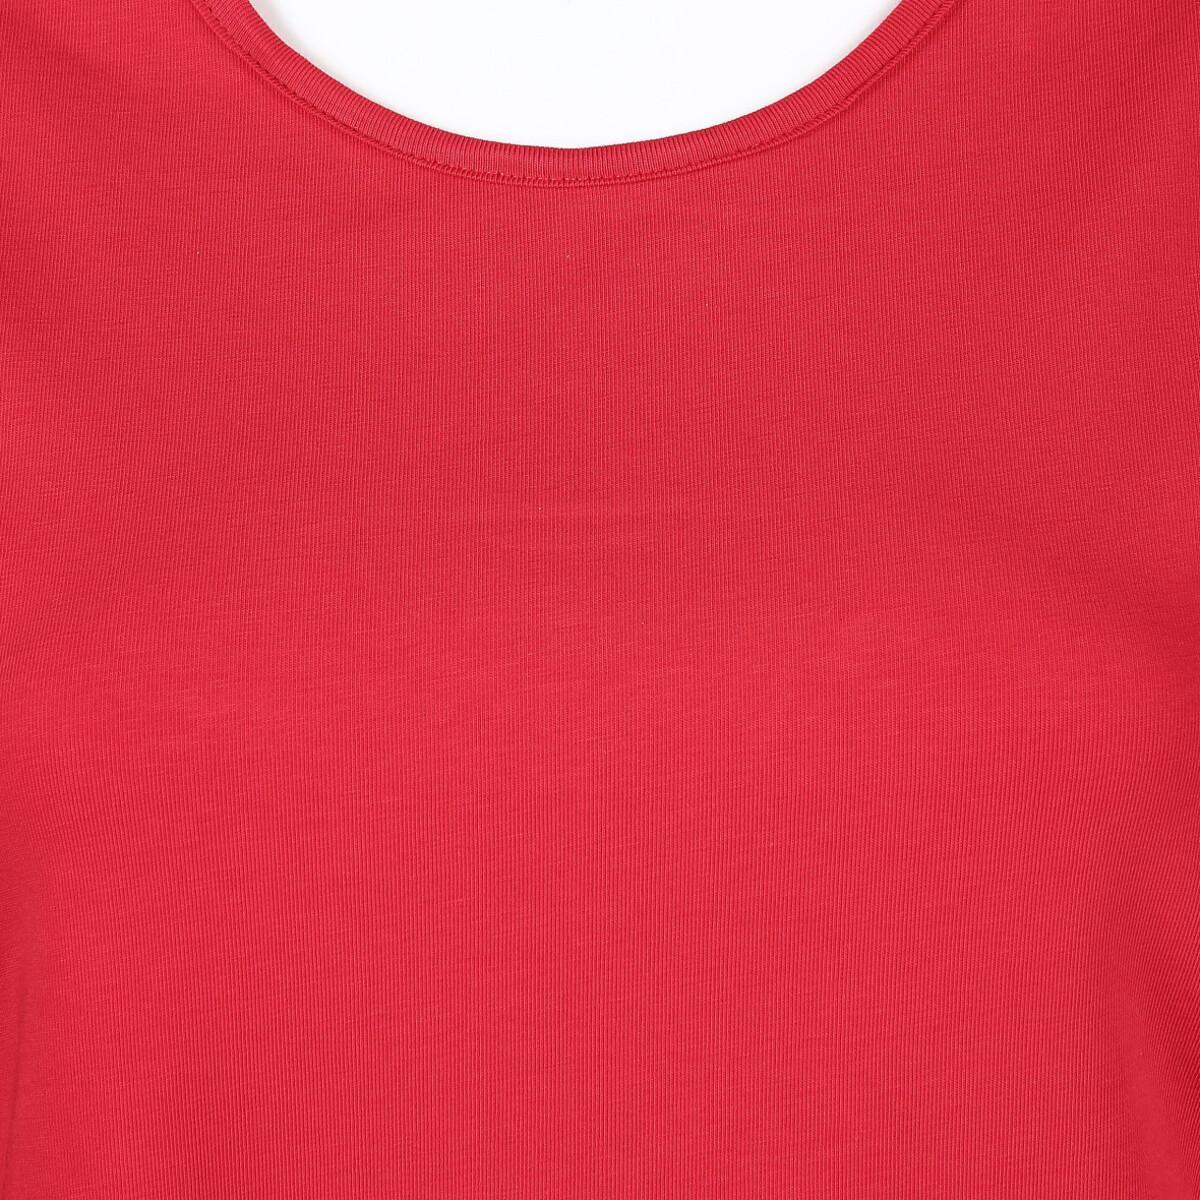 Bild 3 von Damen Basic Shirt